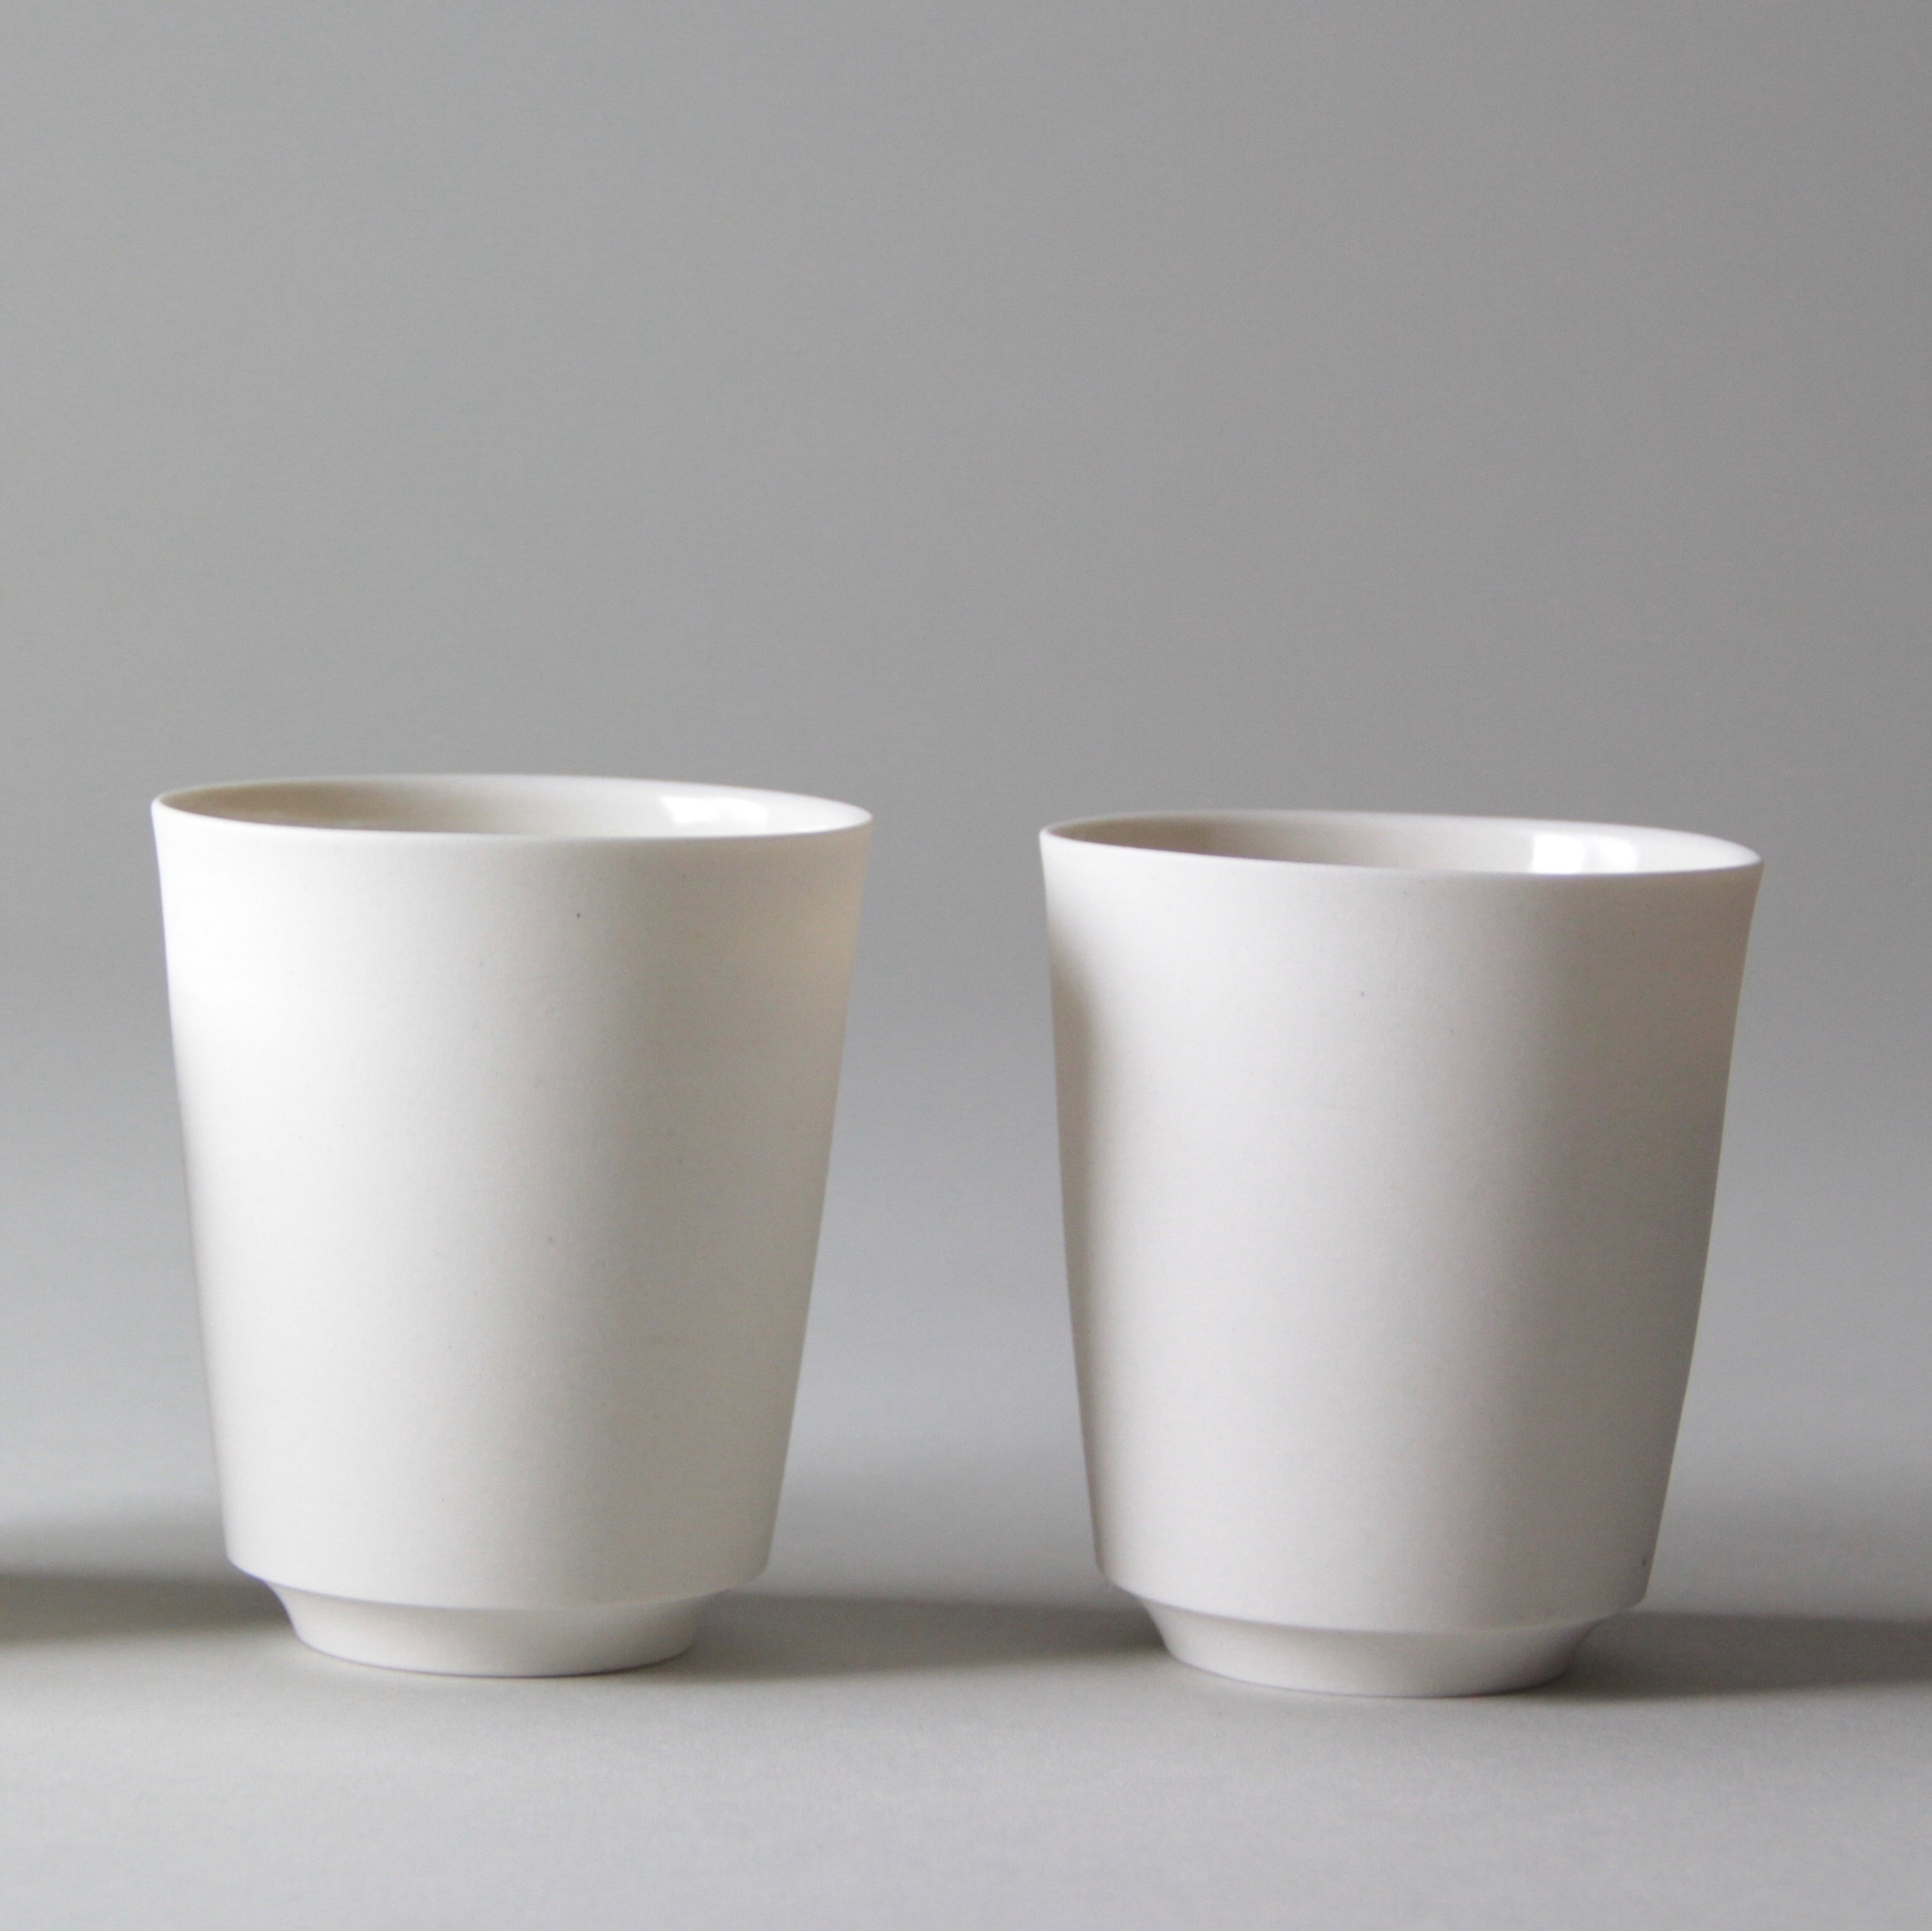 Ceramic tableware cups by Lilith Rockett, Portland, Oregon